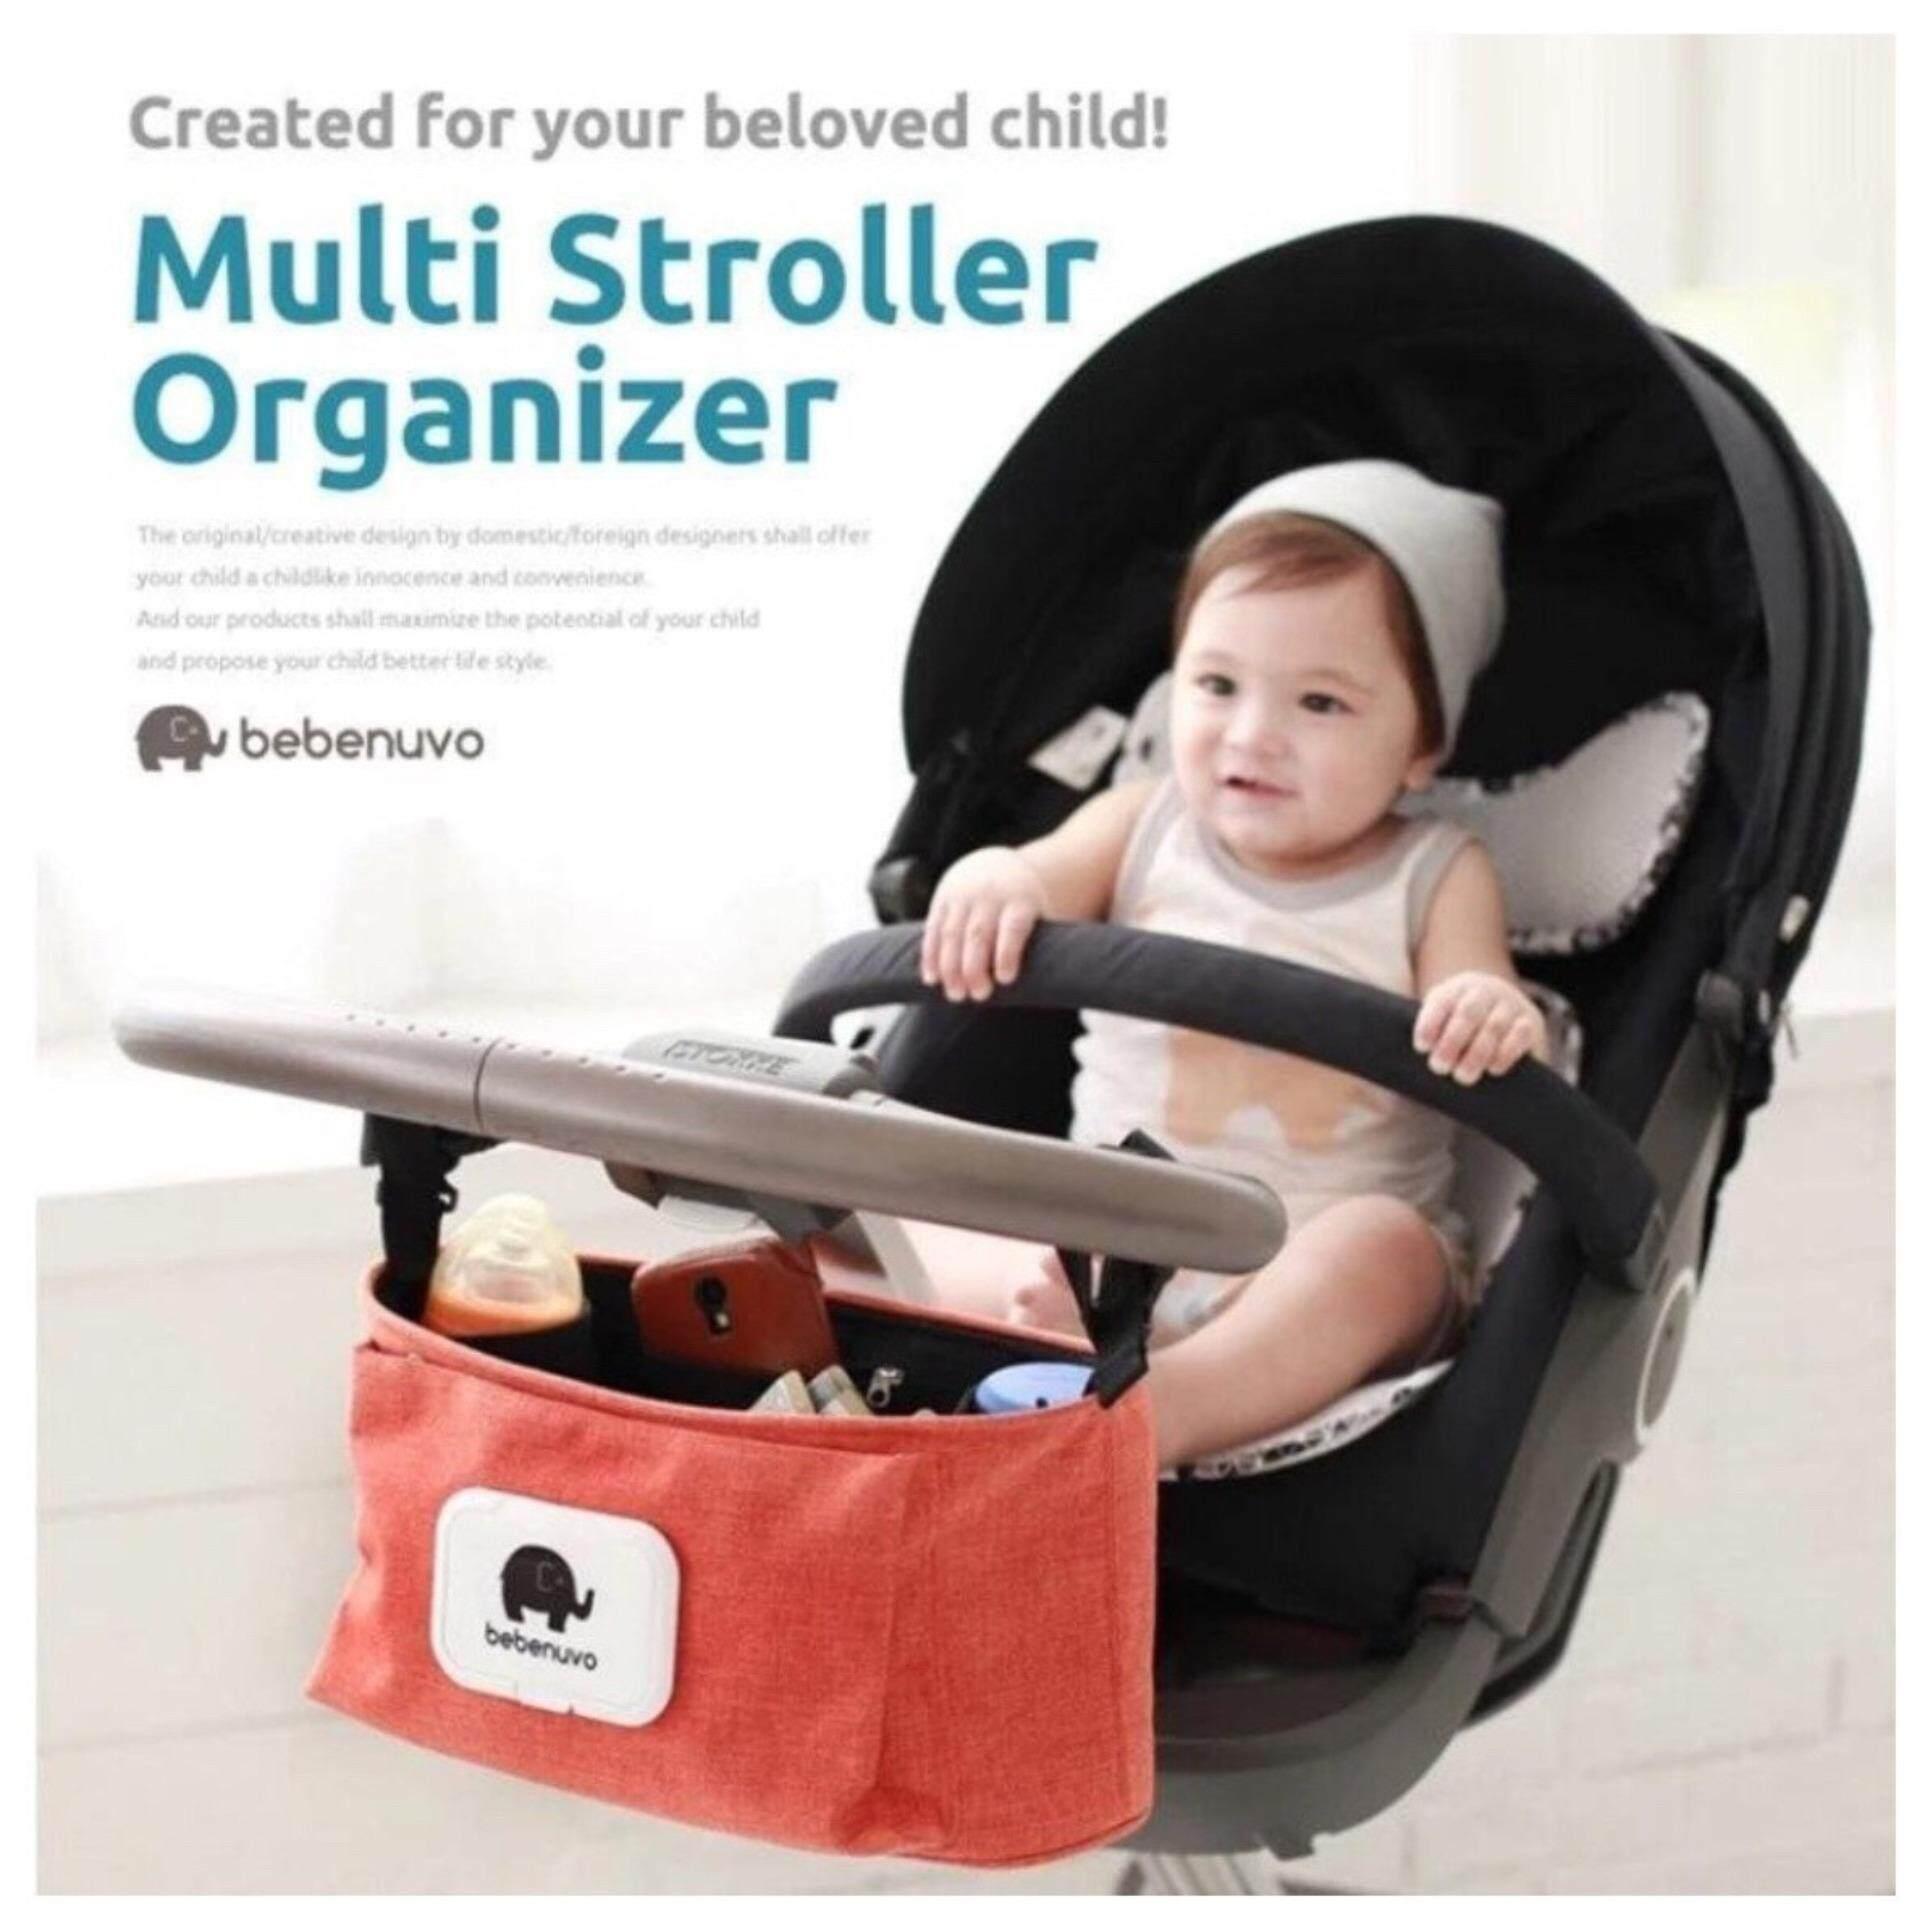 ขอถามคนที่ใช้ Unbranded/Generic อุปกรณ์เสริมรถเข็นเด็ก Joyren เด็กรถเข็นเด็กทารกรถเข็นเด็กตะขออลูมิเนียมแขวนอุปกรณ์เสริม 3 กิโลกรัมความจุ - นานาชาติ ยินดีคืนเงิน